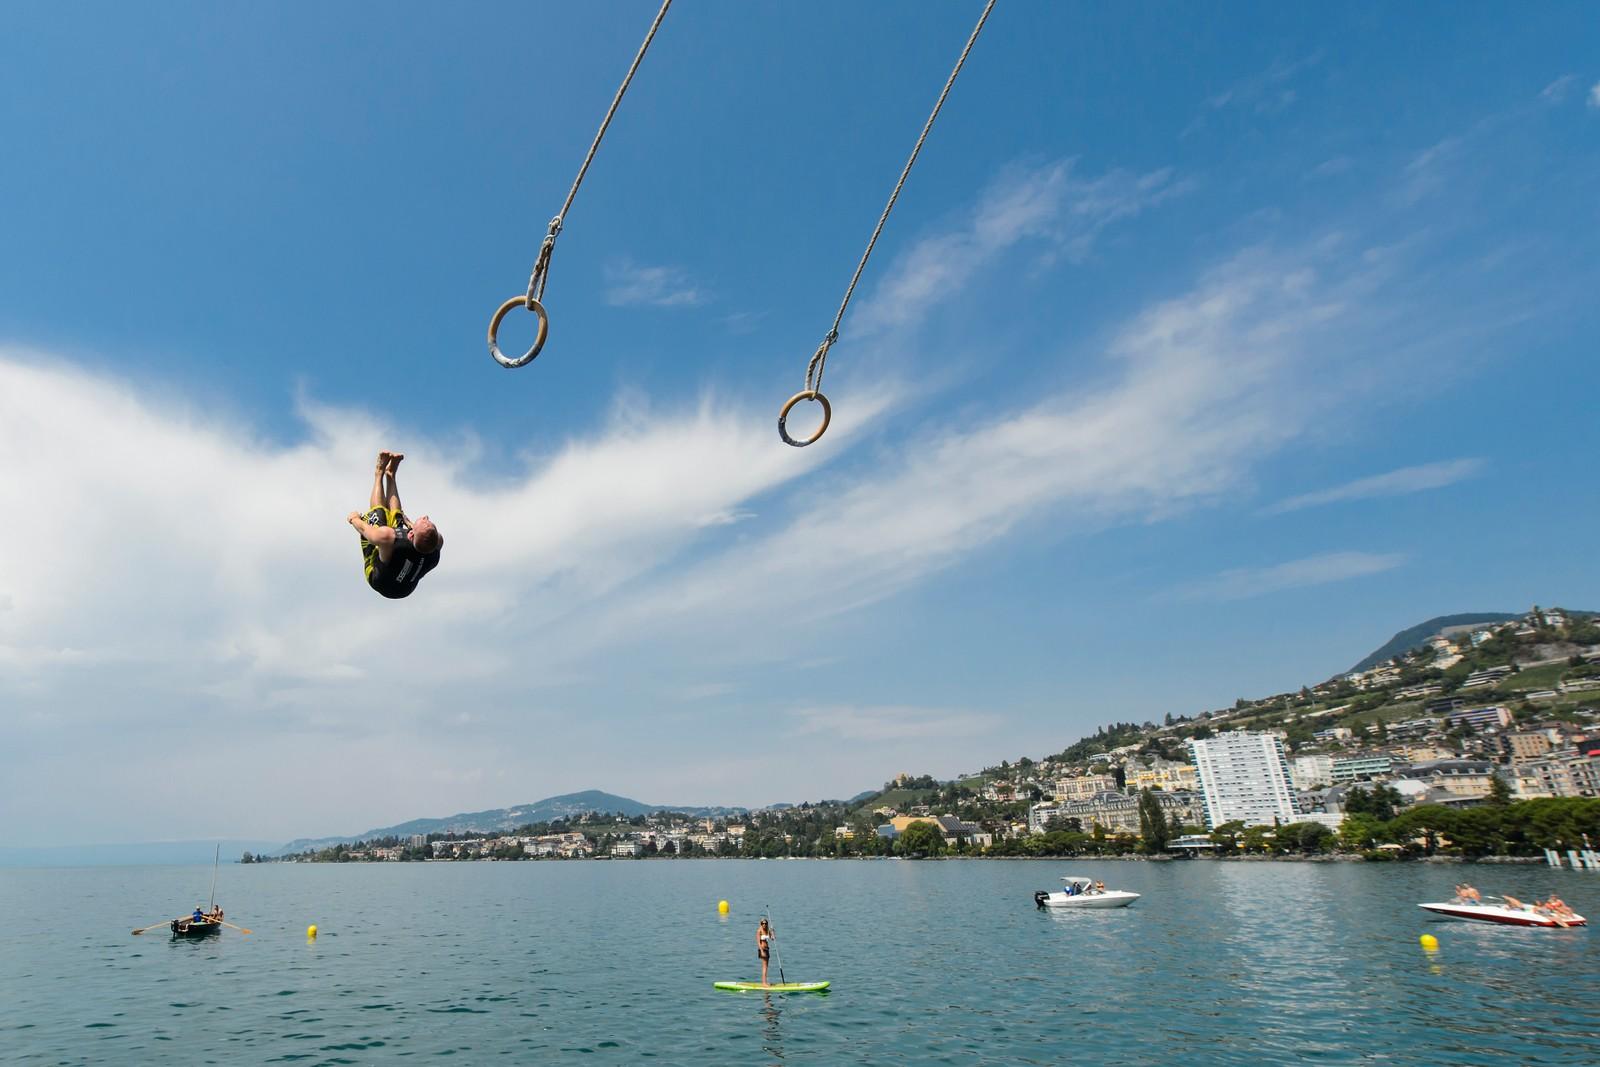 En deltaker kaster seg i vannet i konkurransen WateRings i Montreux, Sveits.